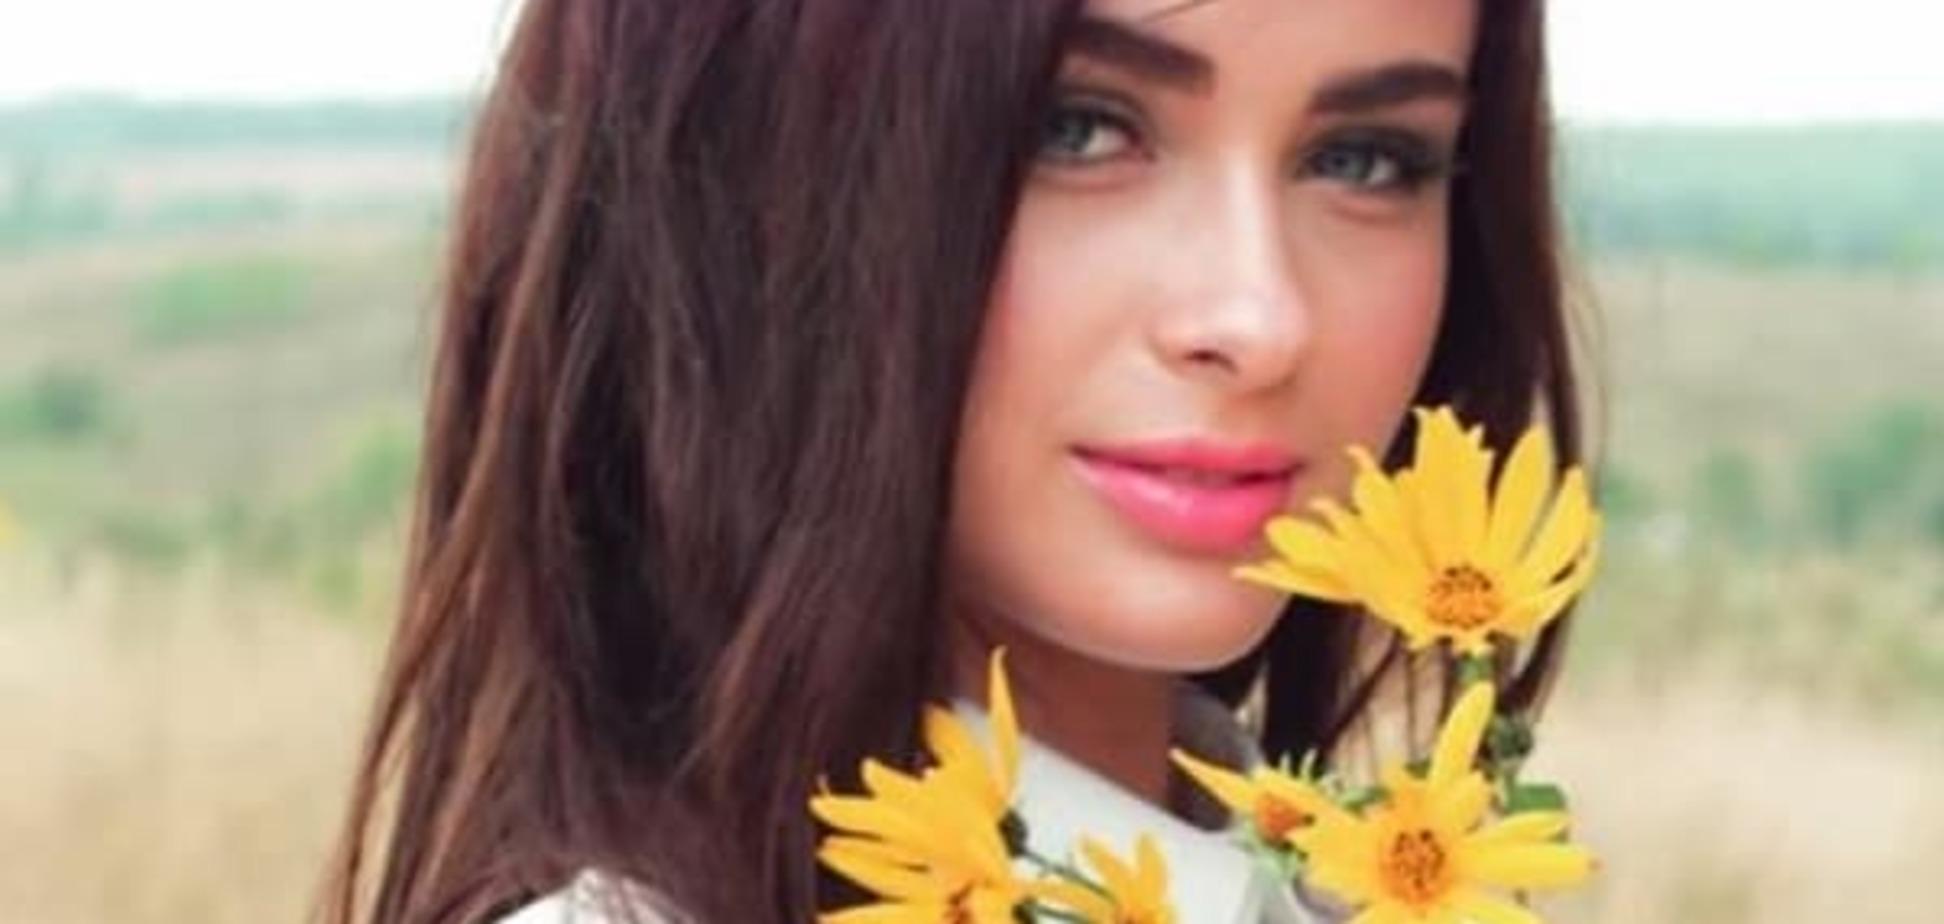 Самая красивая украинка презентовала видео, с которым поедет на 'Мисс Мира 2015'